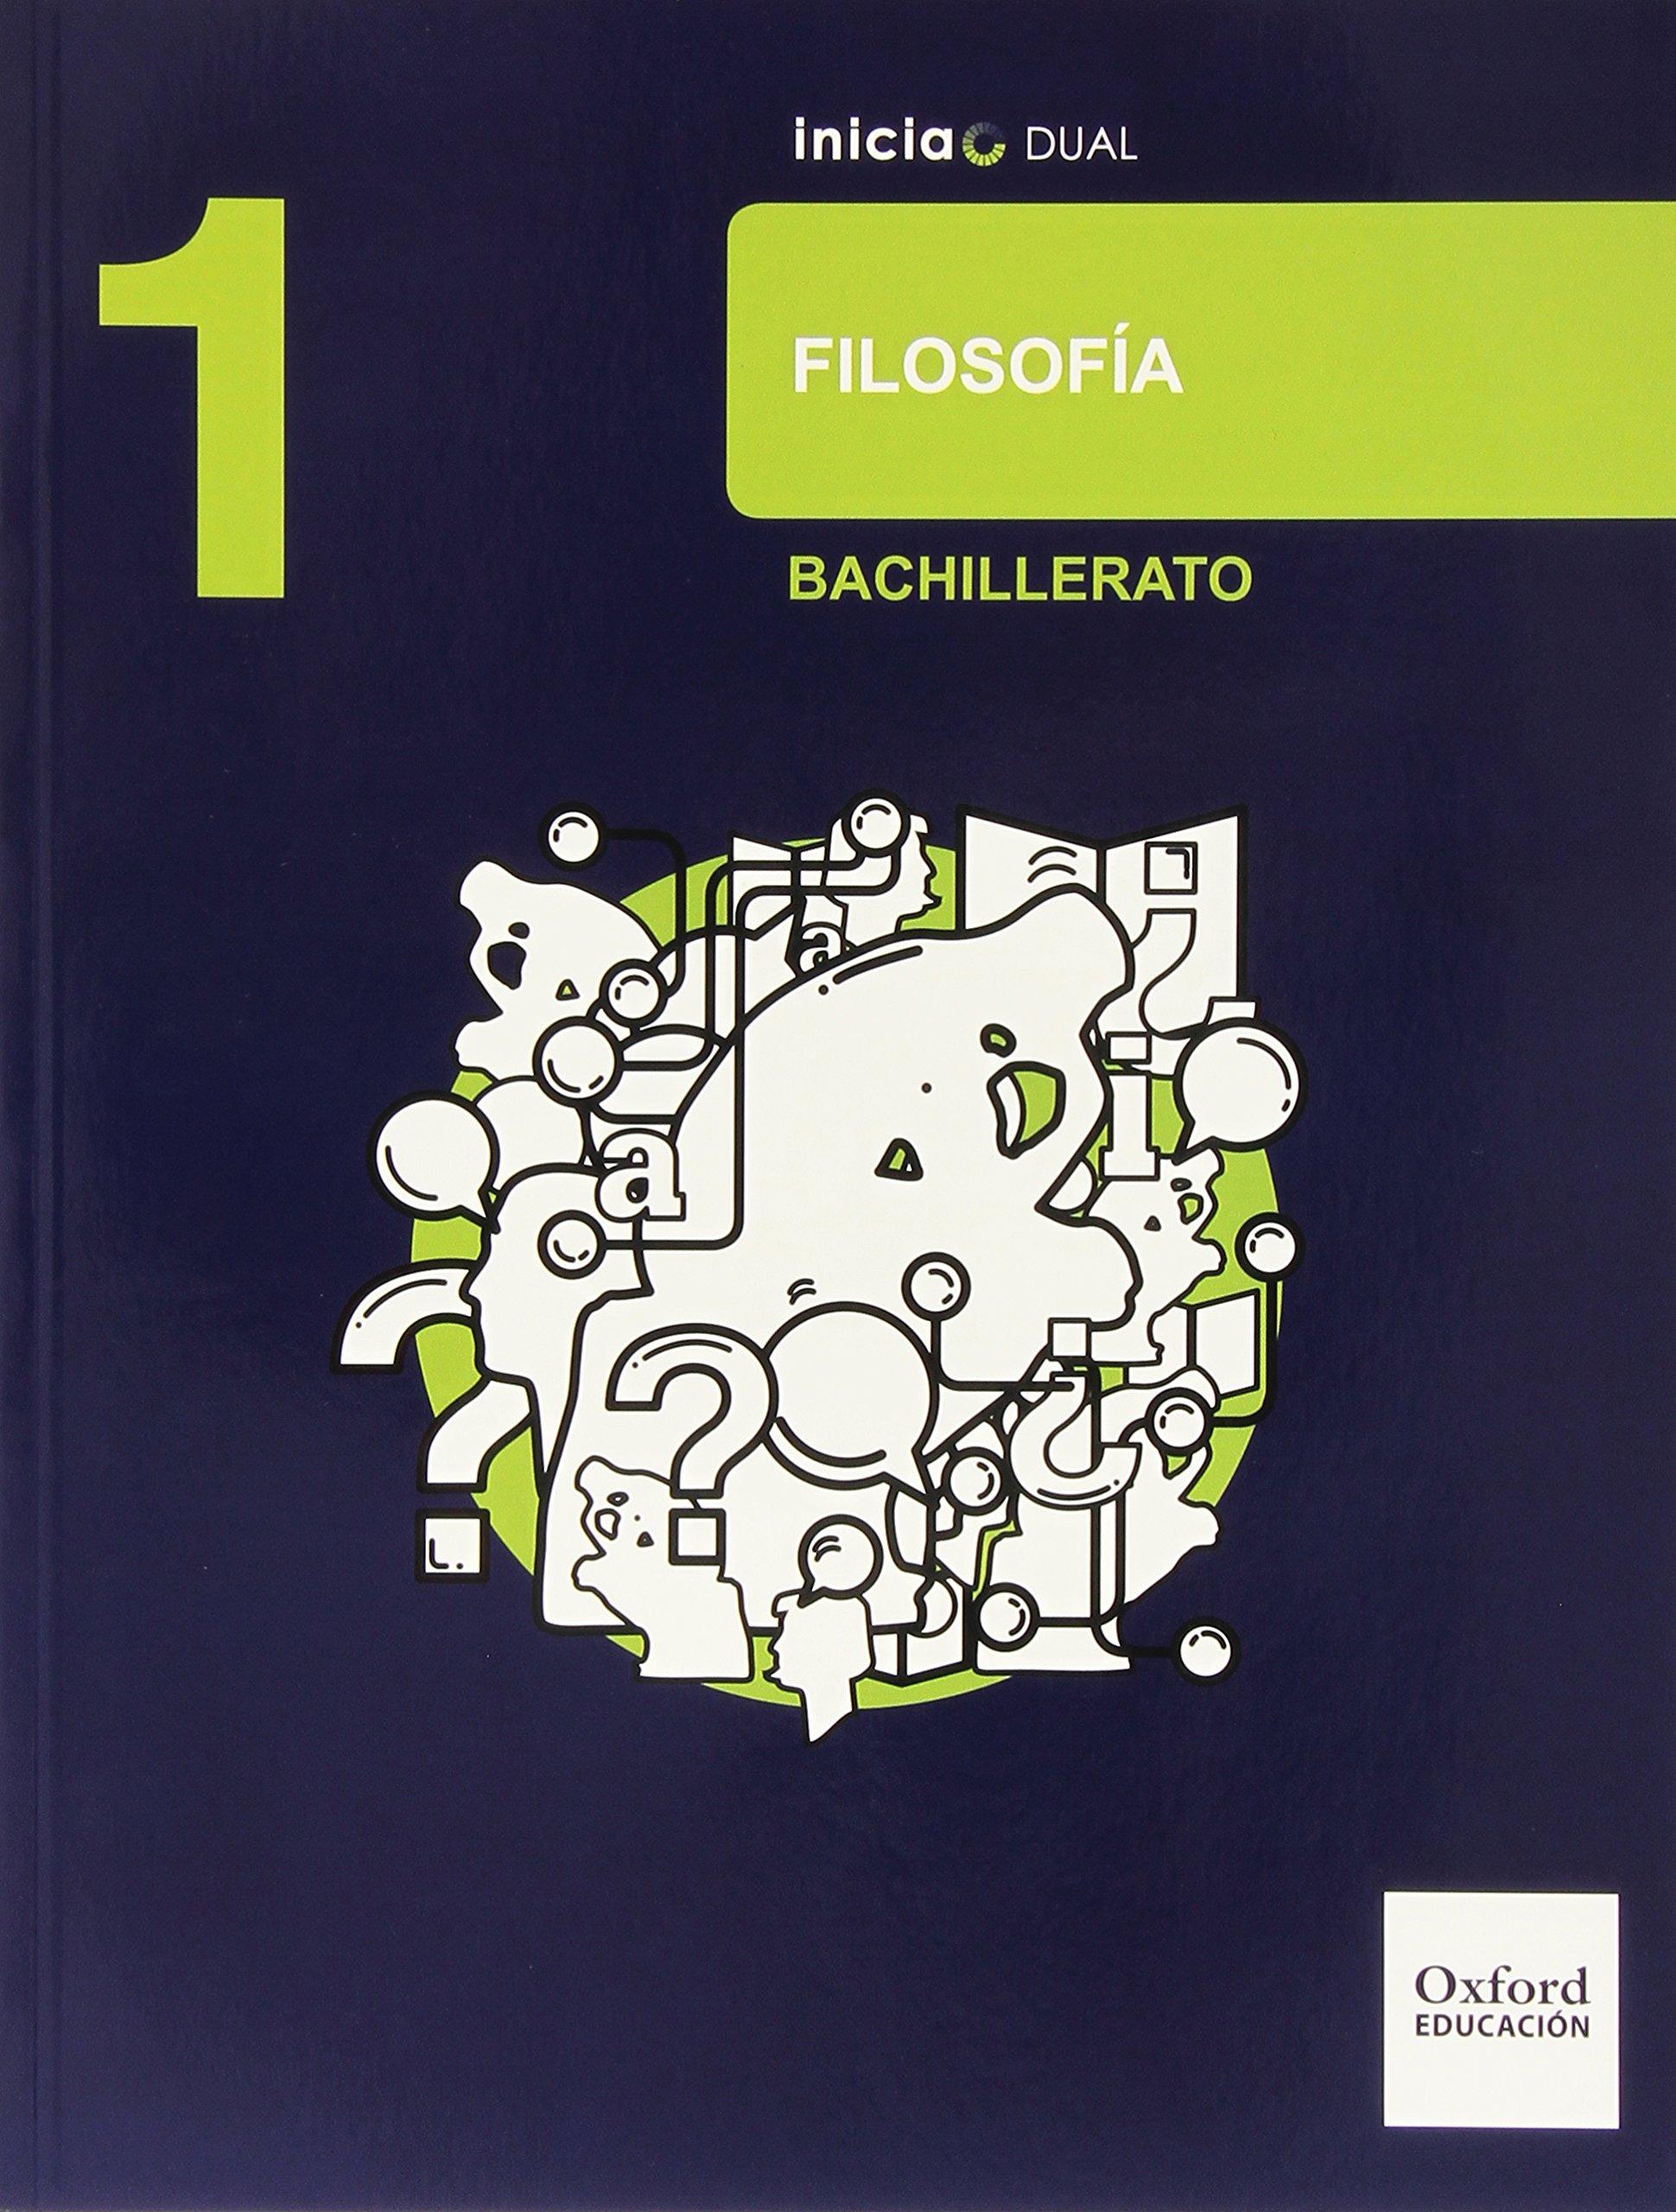 Libro Del Alumno. Bachillerato 1 Inicia Dual - 9788467363685: Amazon.es:  Francisco Ríos Pedraza: Libros